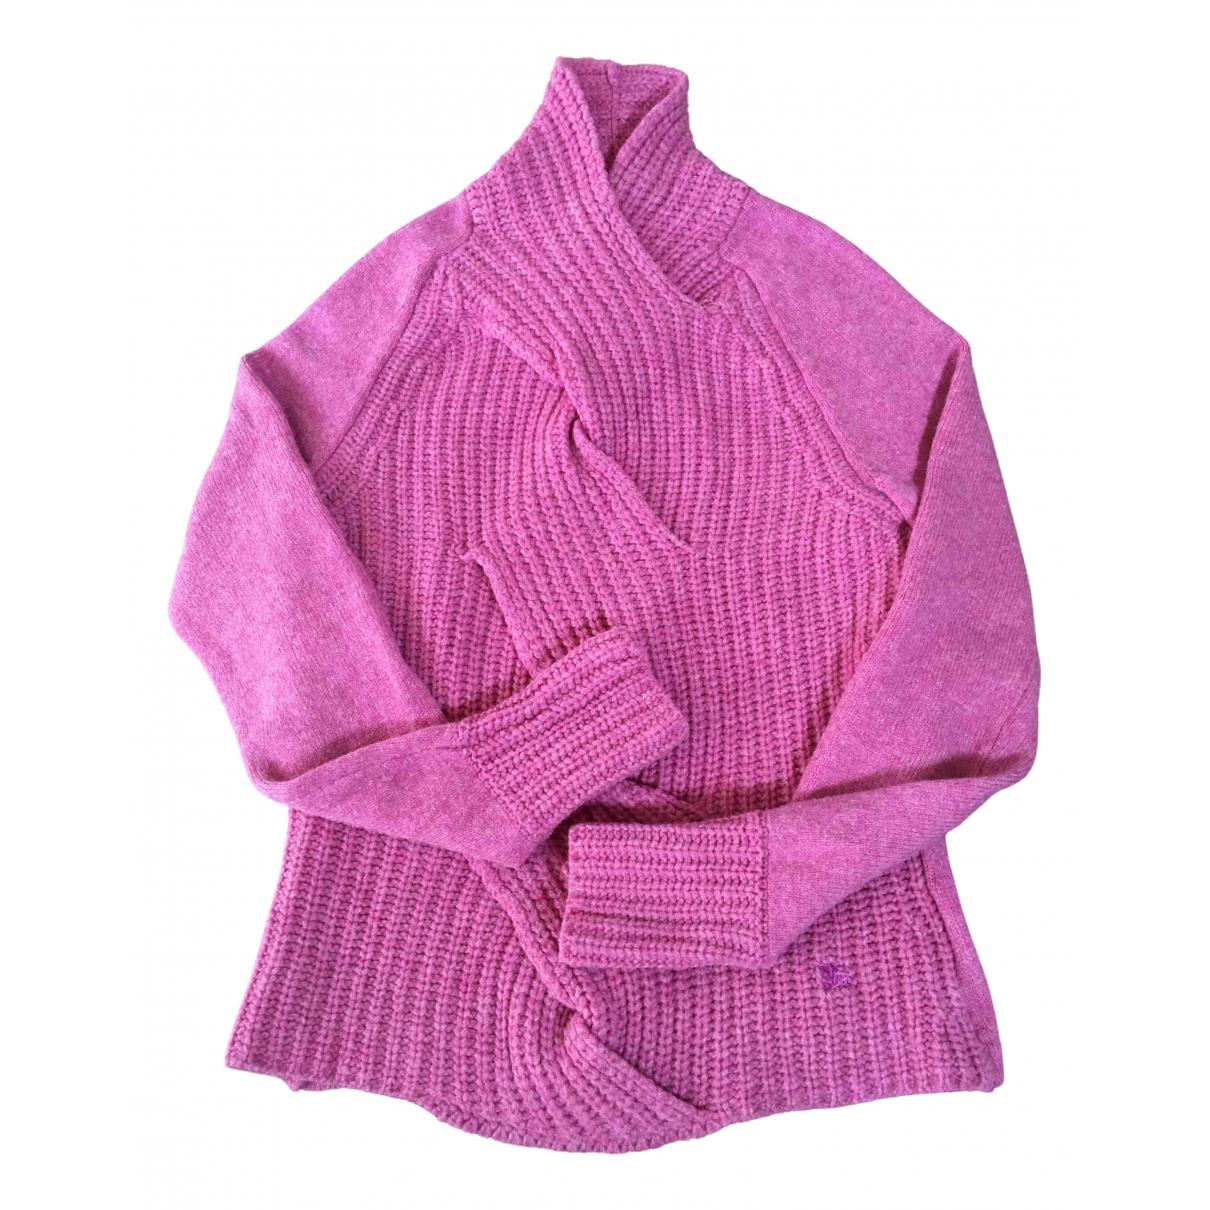 Burberry N Pink Wool Knitwear for Women 40 FR